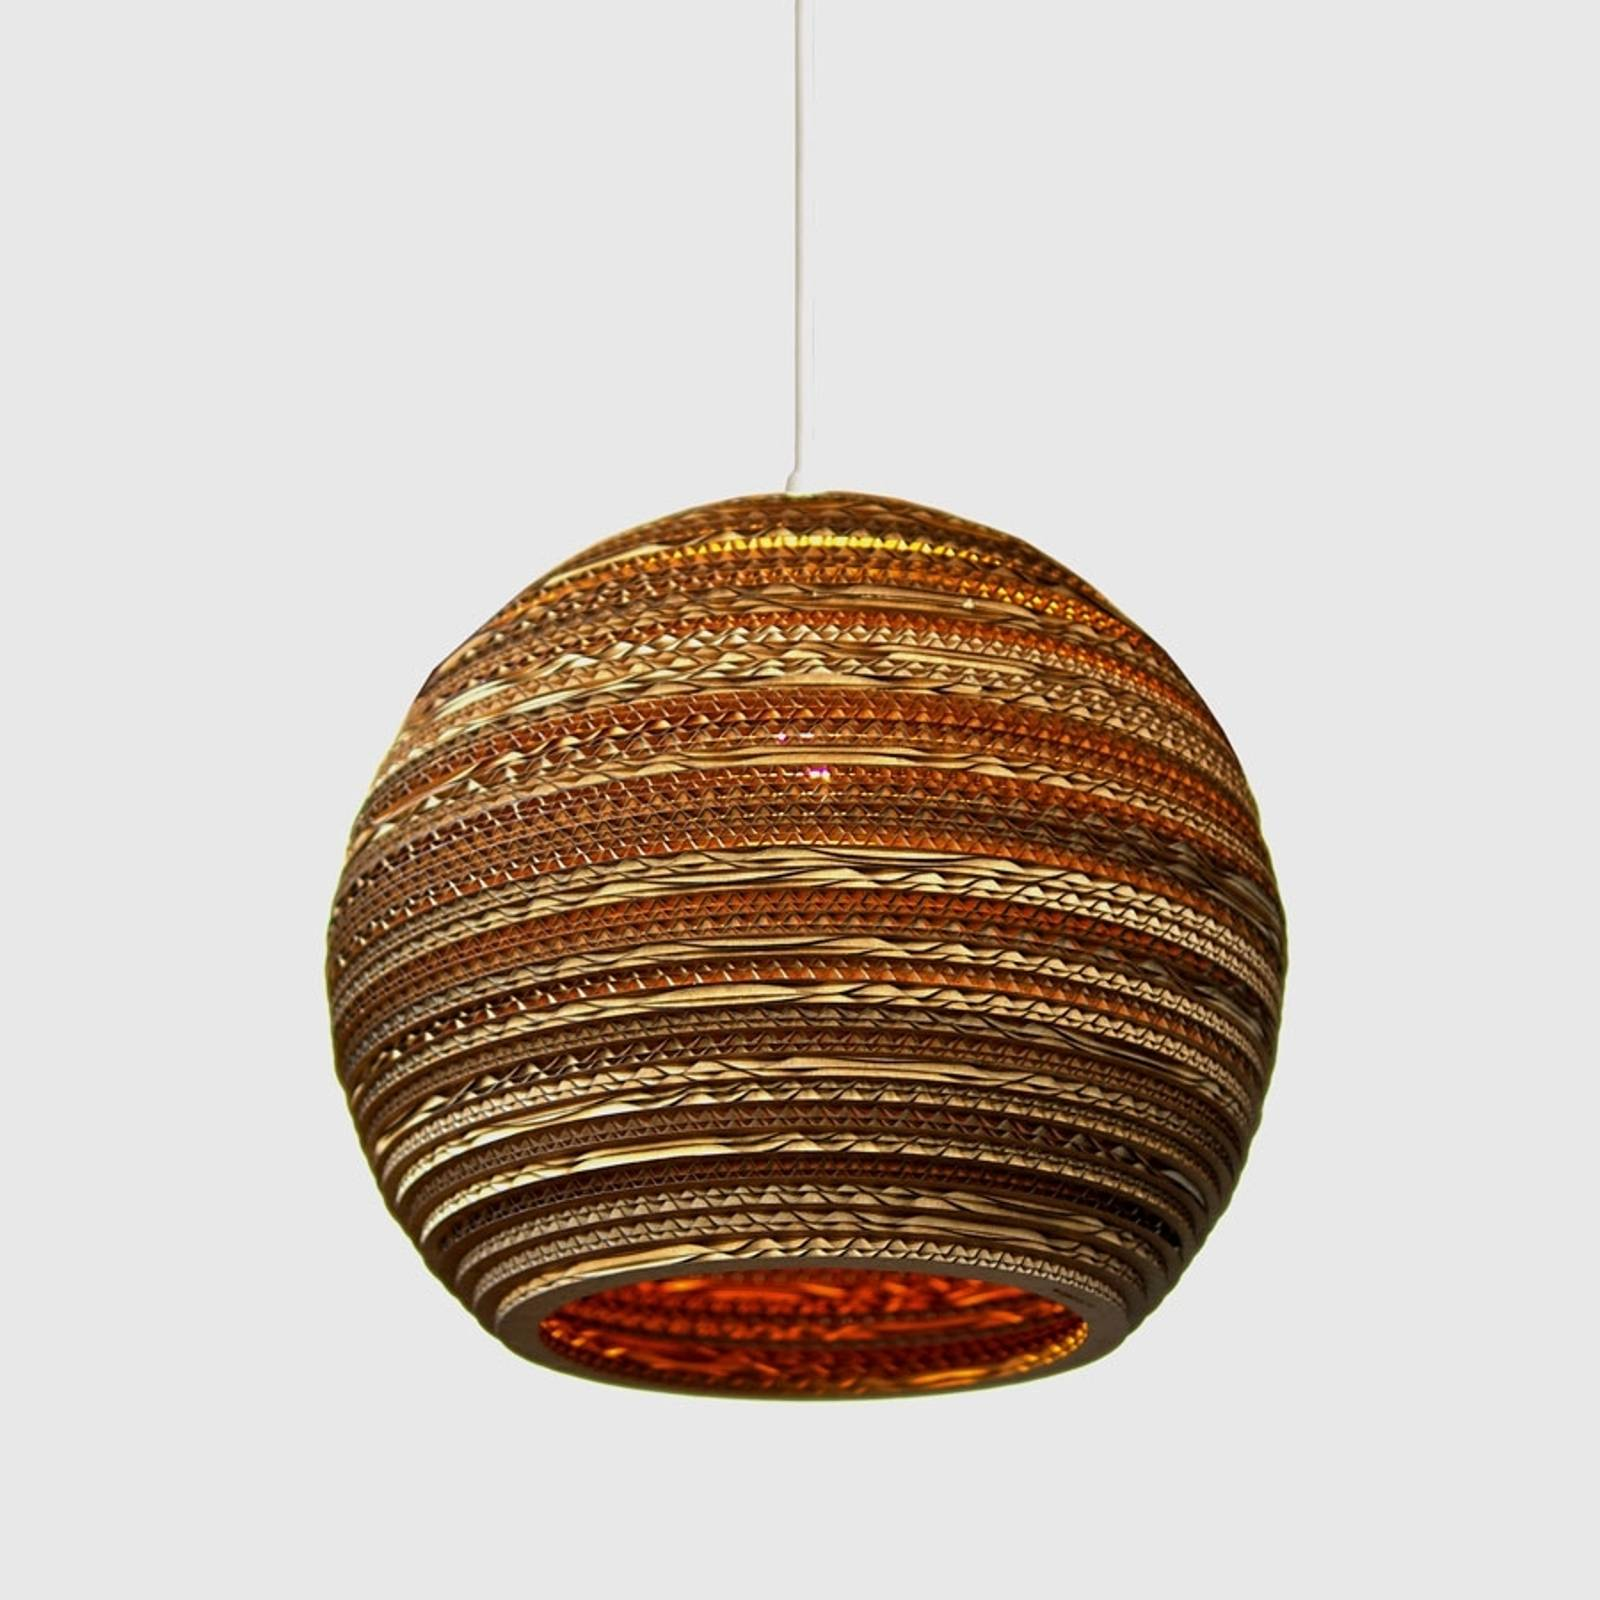 Ball okrągła lampa wisząca z kartonu 36 cm